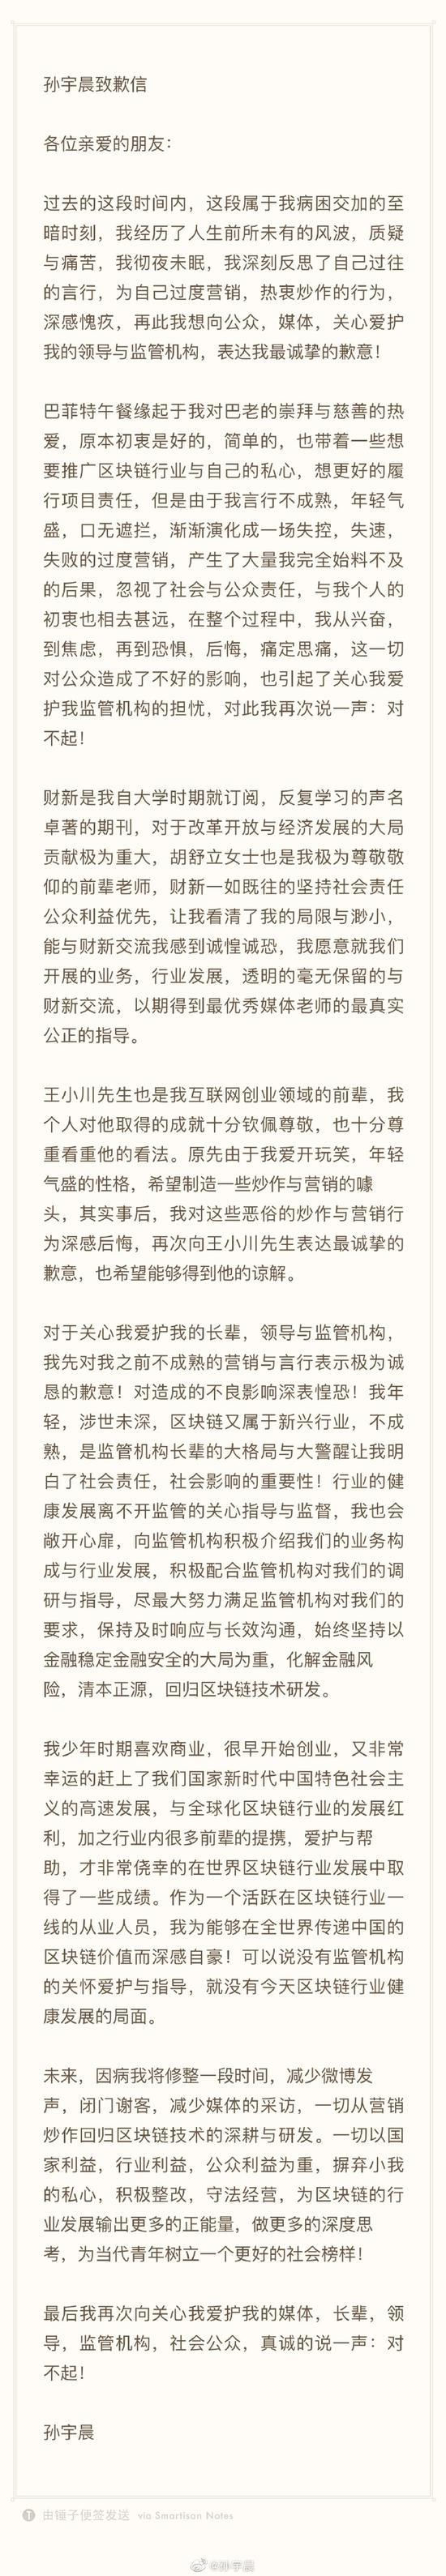 孙宇晨凌晨微博致歉:自己因言行不成熟导致过度营销